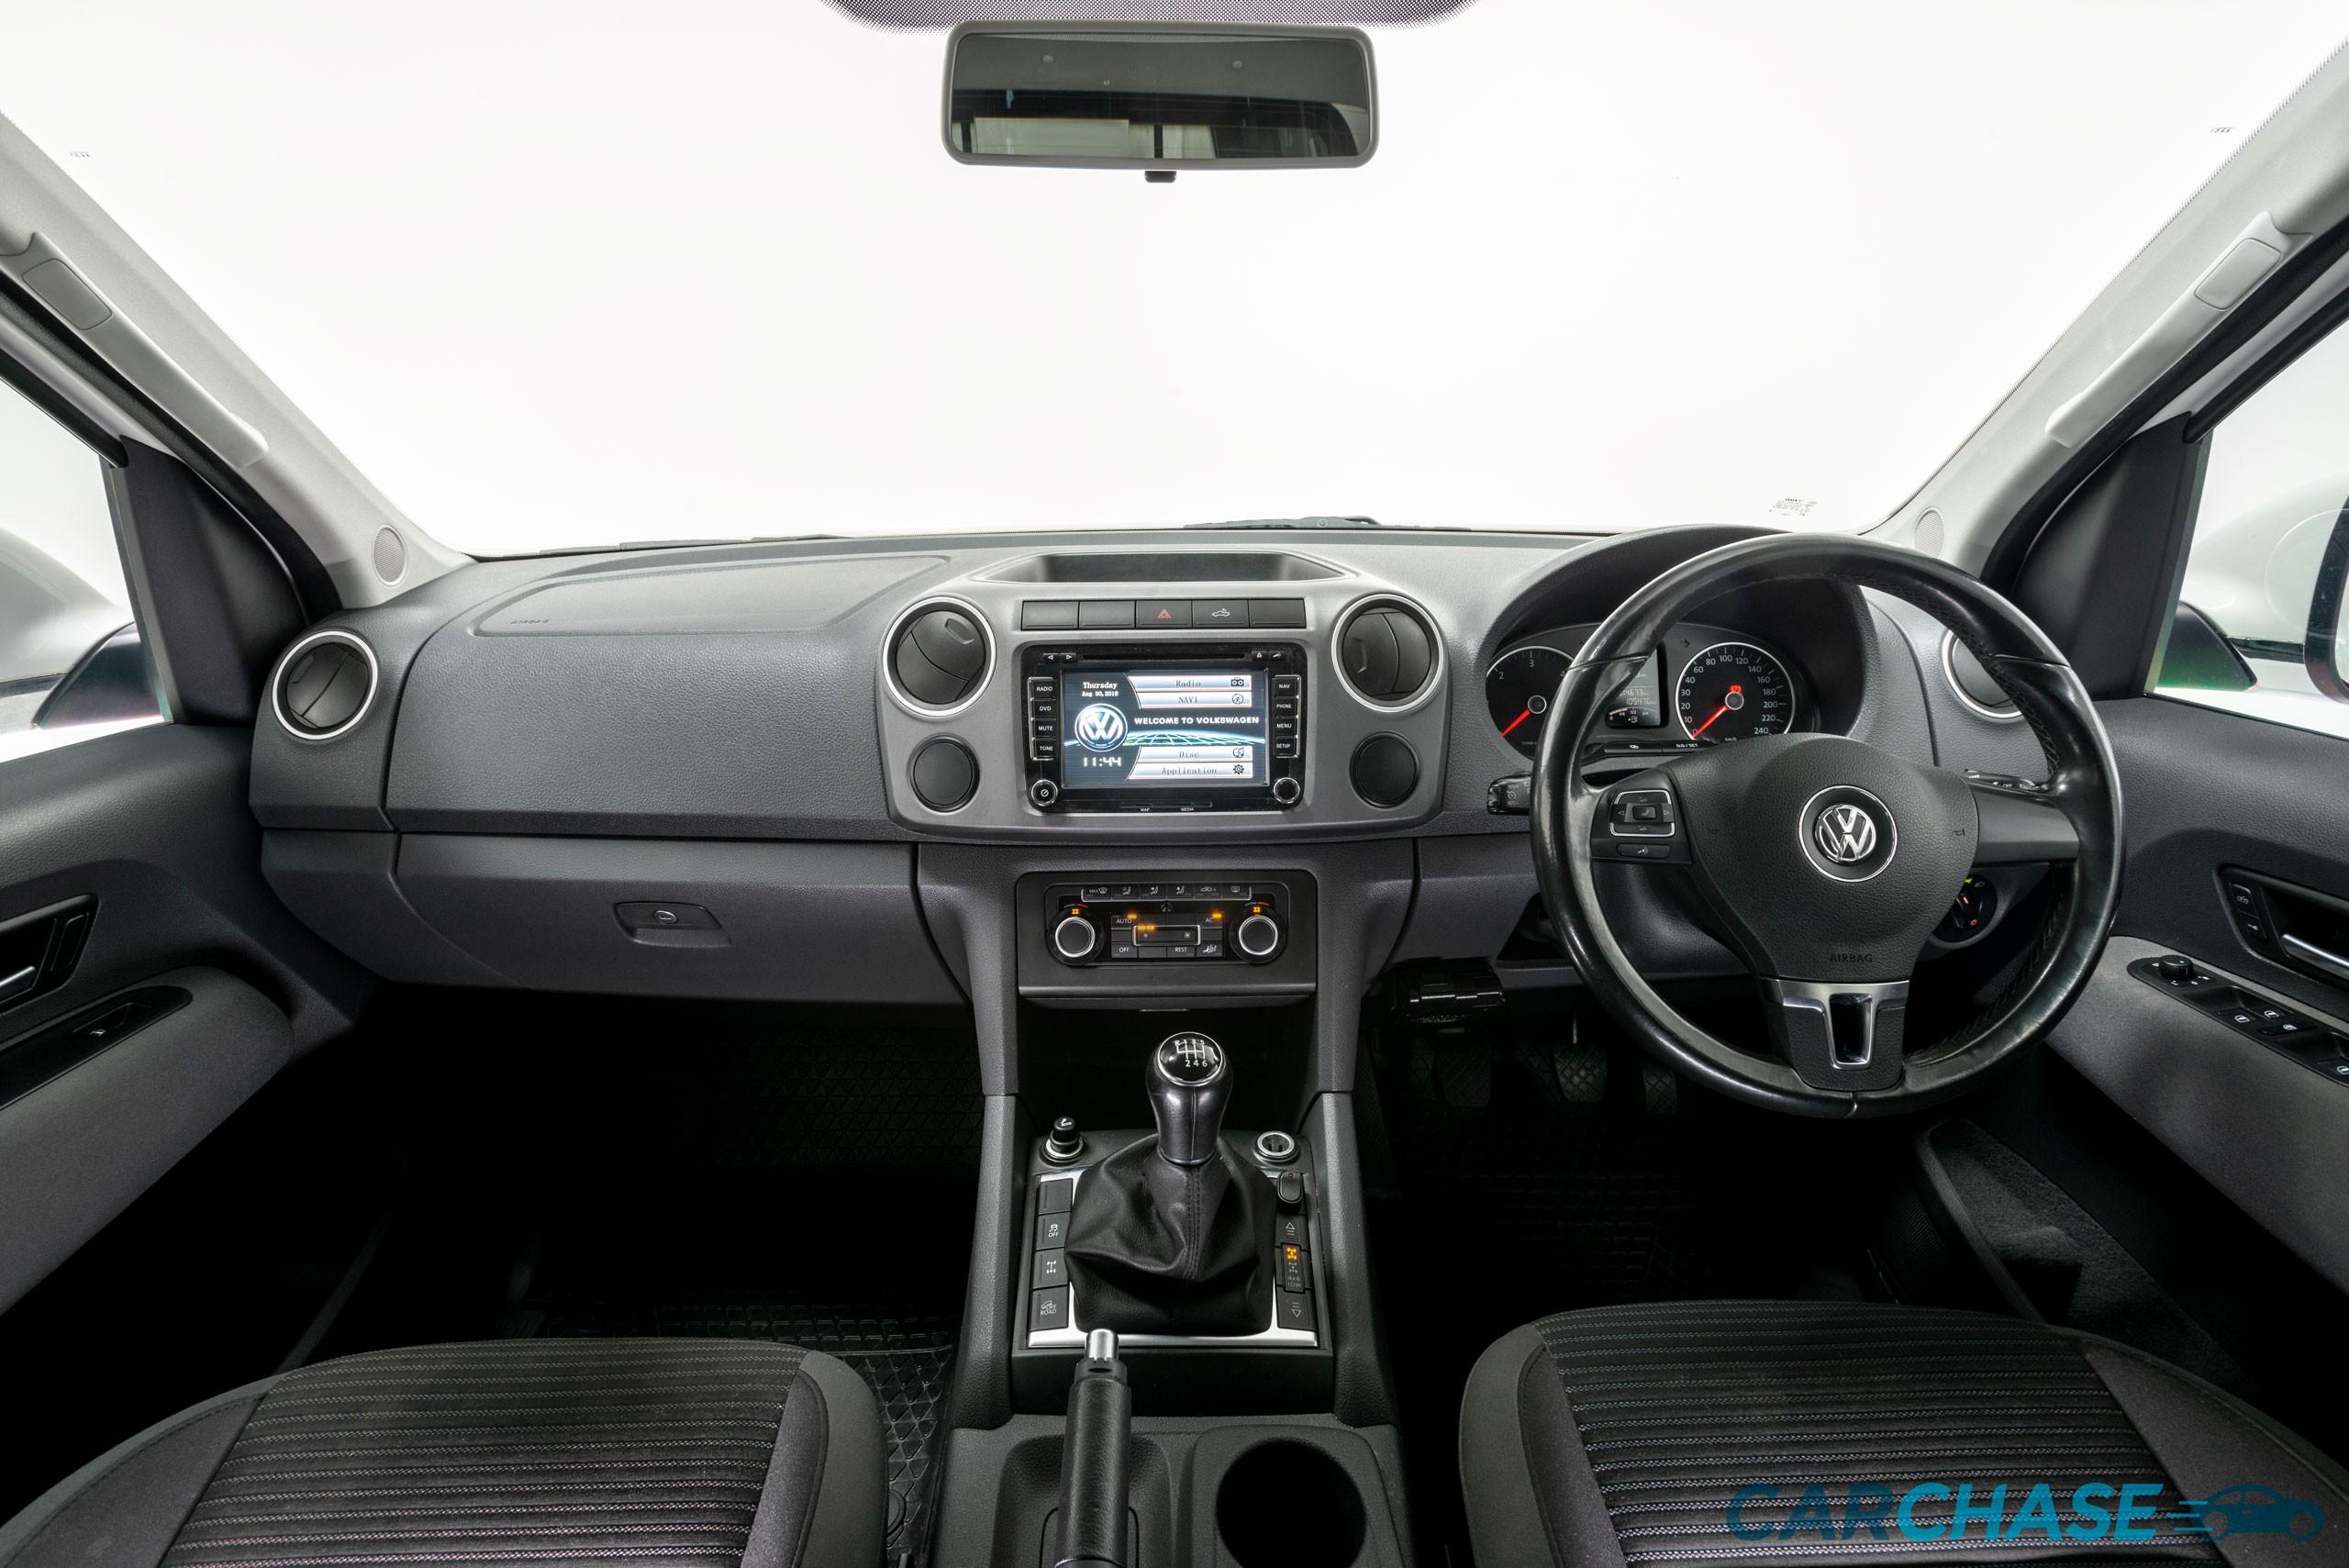 Image of dashboard profile of 2012 Volkswagen Amarok TDI400 Highline